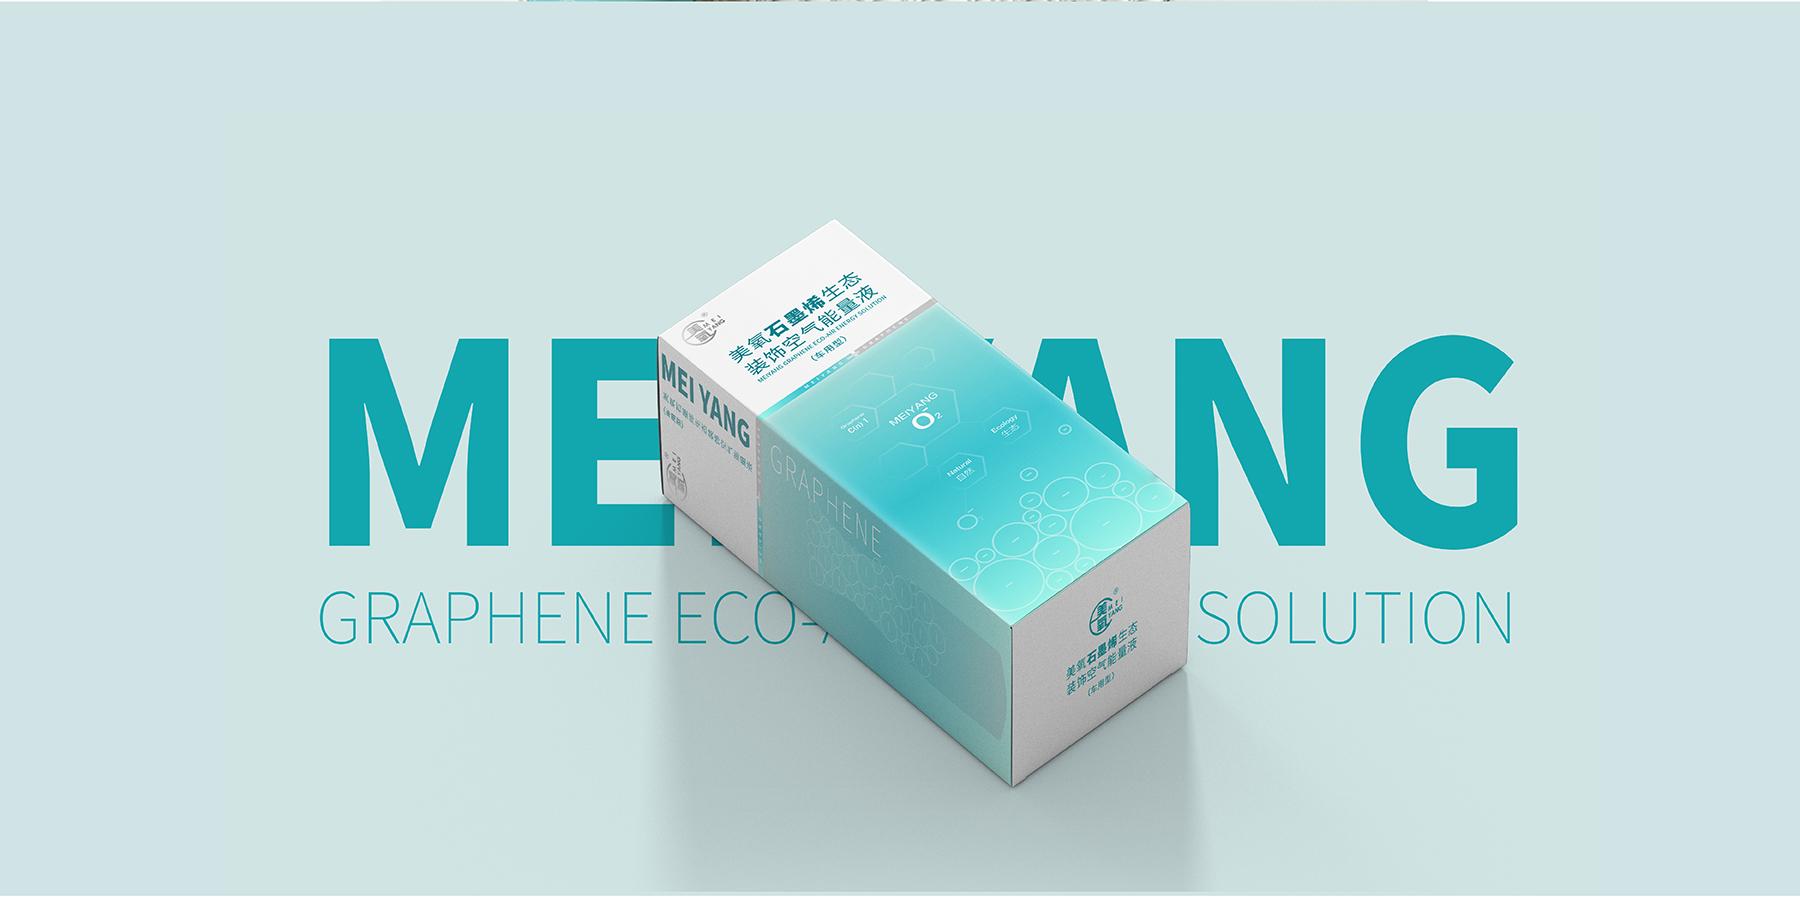 美氧-品牌设计-物料设计-包装设计